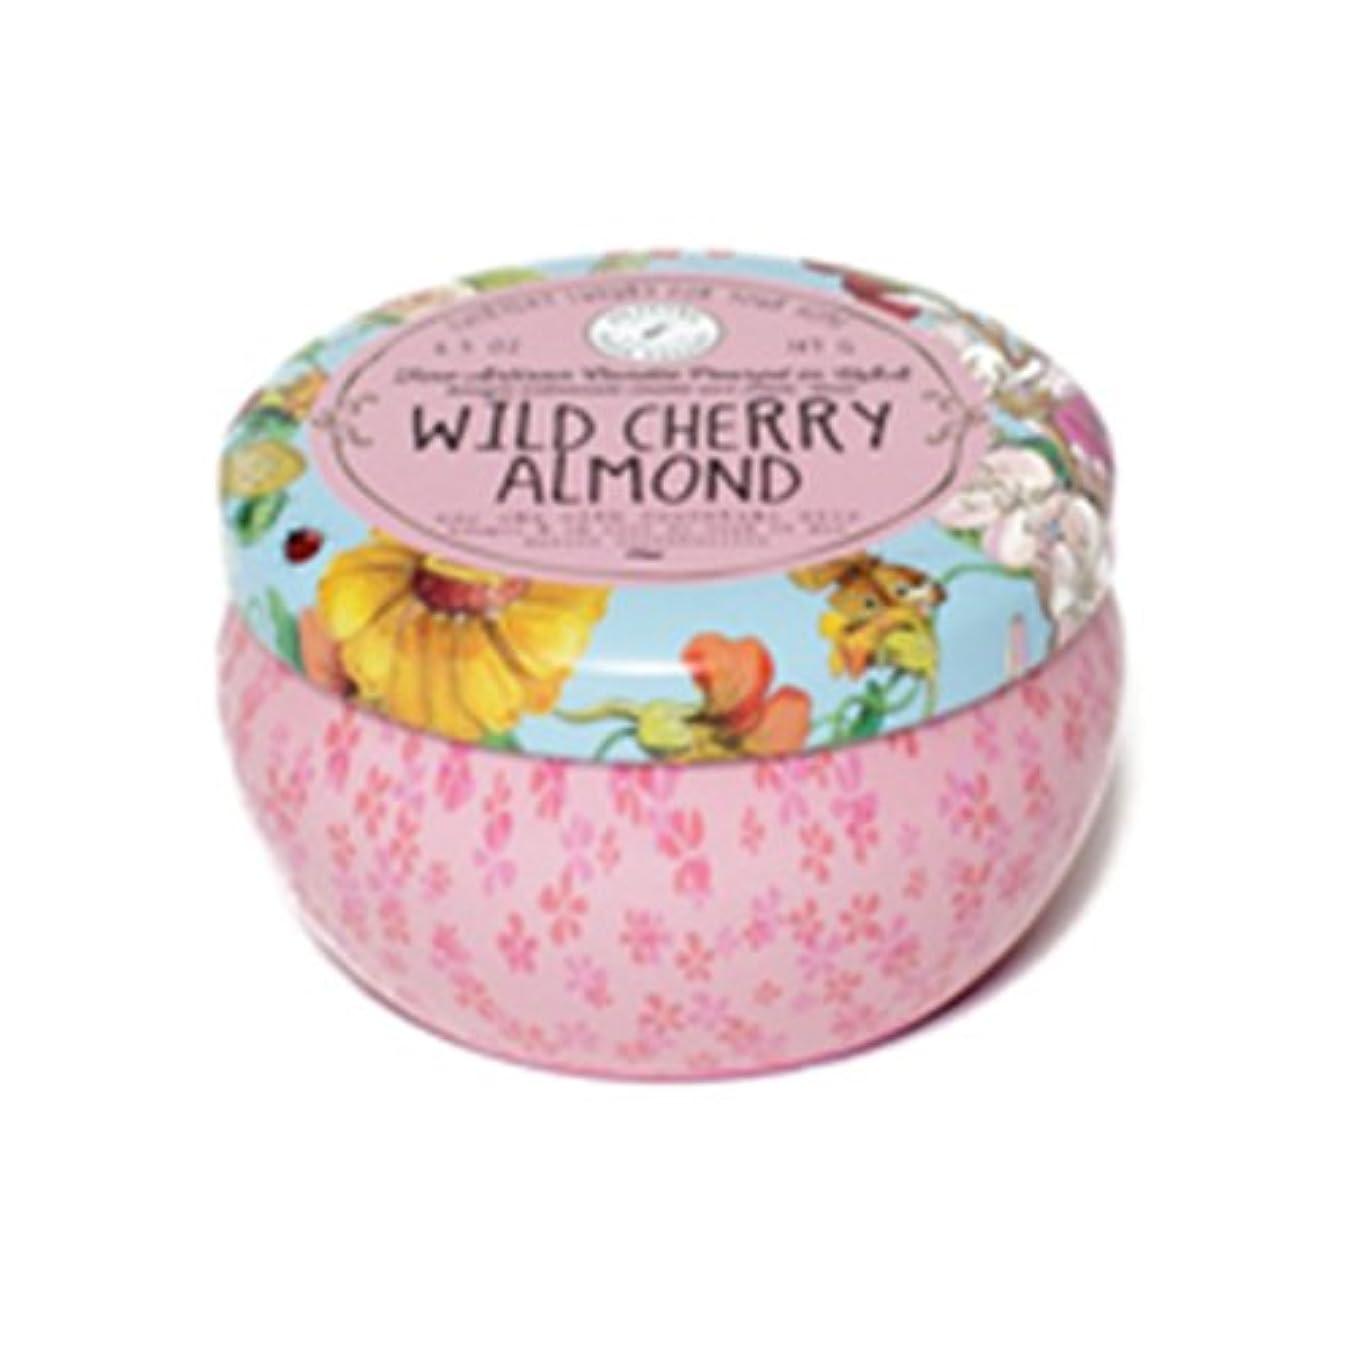 ベスト言語コースNapa Valley Apothecary wild cherry almond ワイルドチェリーアーモンド 缶キャンドル tin candle ナパバレーアポセカリー Olivina オリビーナ